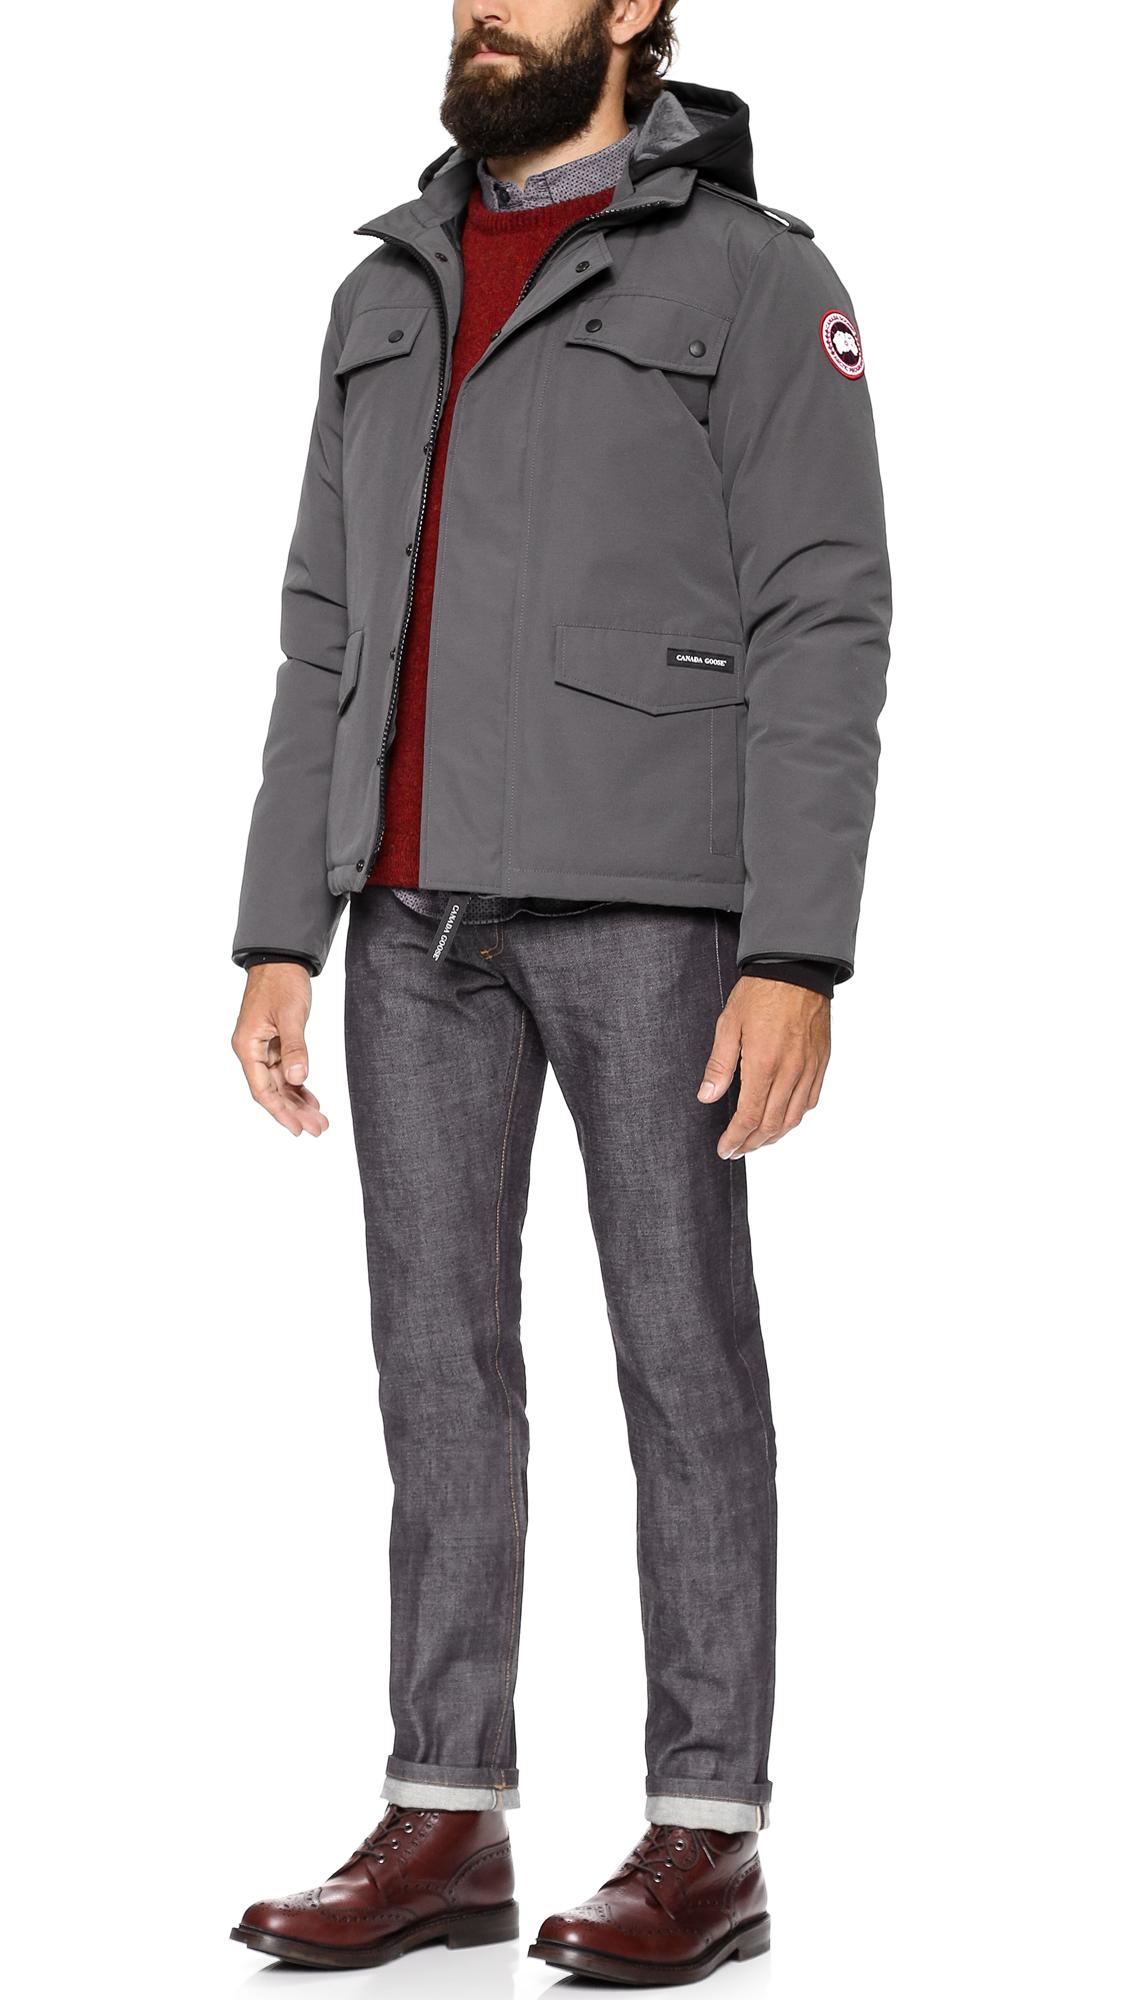 burnett men Barnett harley-davidson custom harley biker h-d hd clothing & apparel.